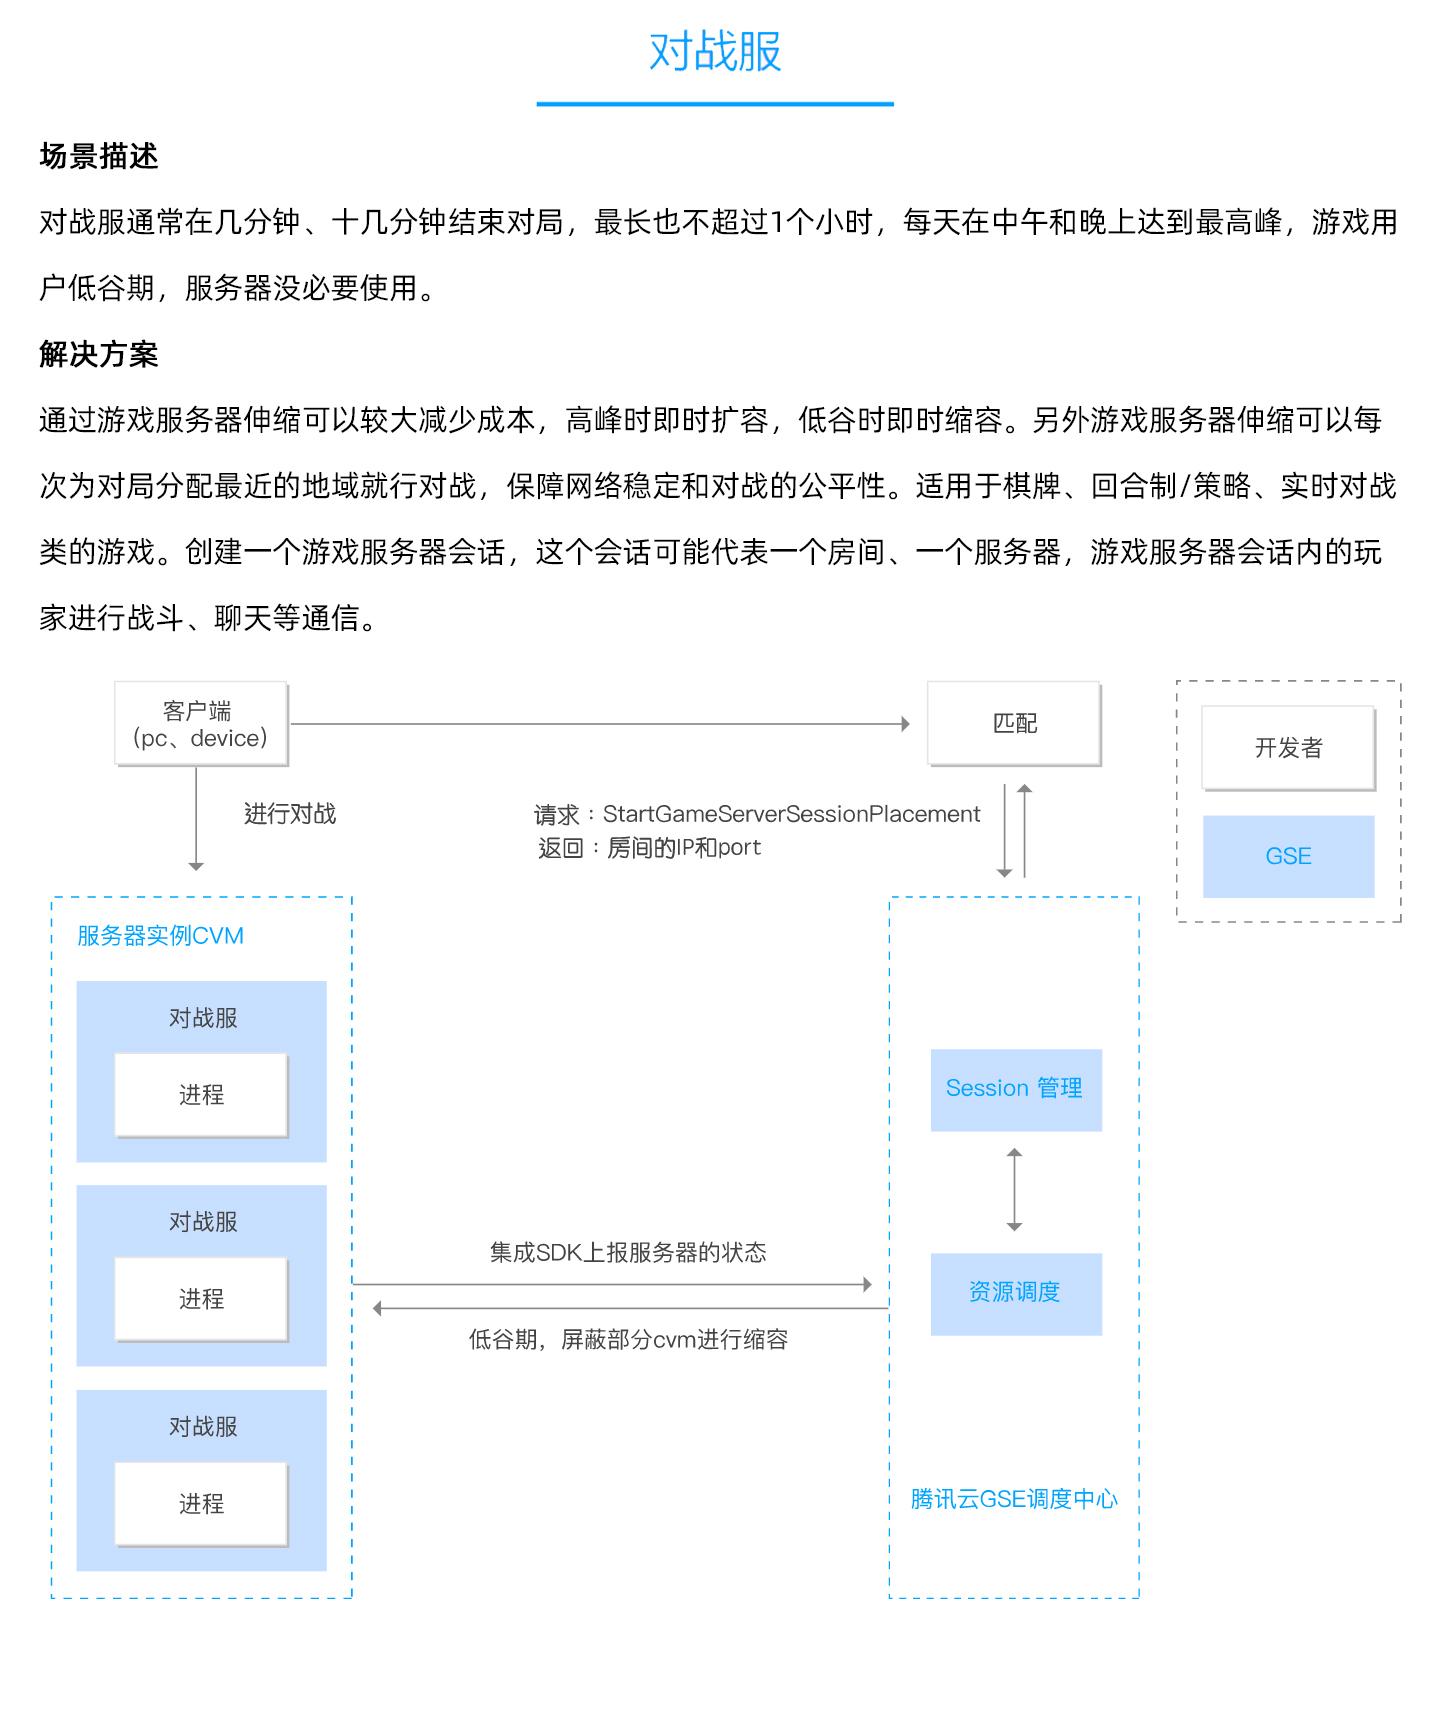 游戏服务器伸缩-GSE-1440_03.jpg